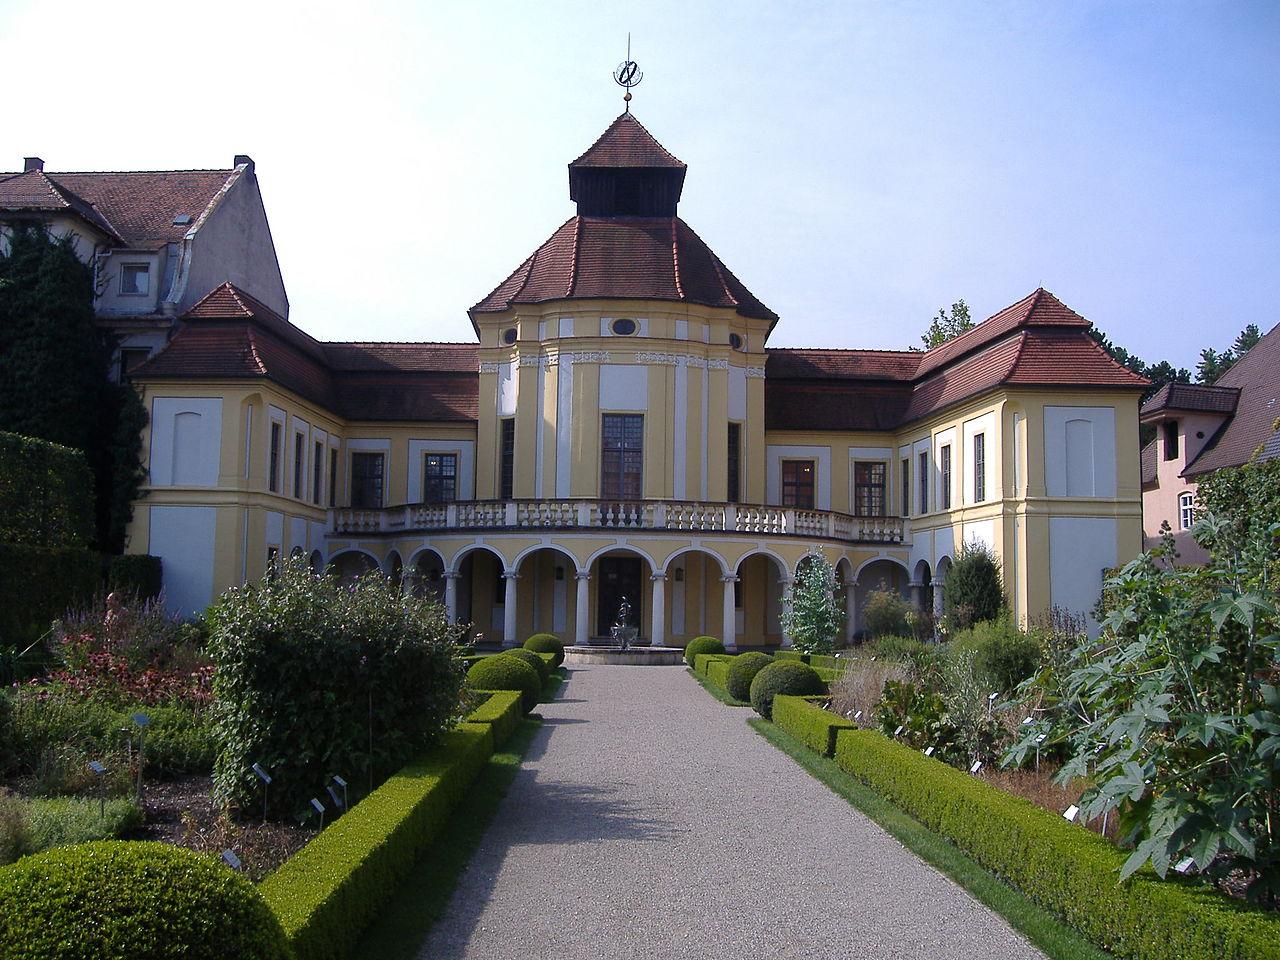 Bild Deutsches Medizinhistorisches Museum Ingolstadt mit Heilpflanzengarten